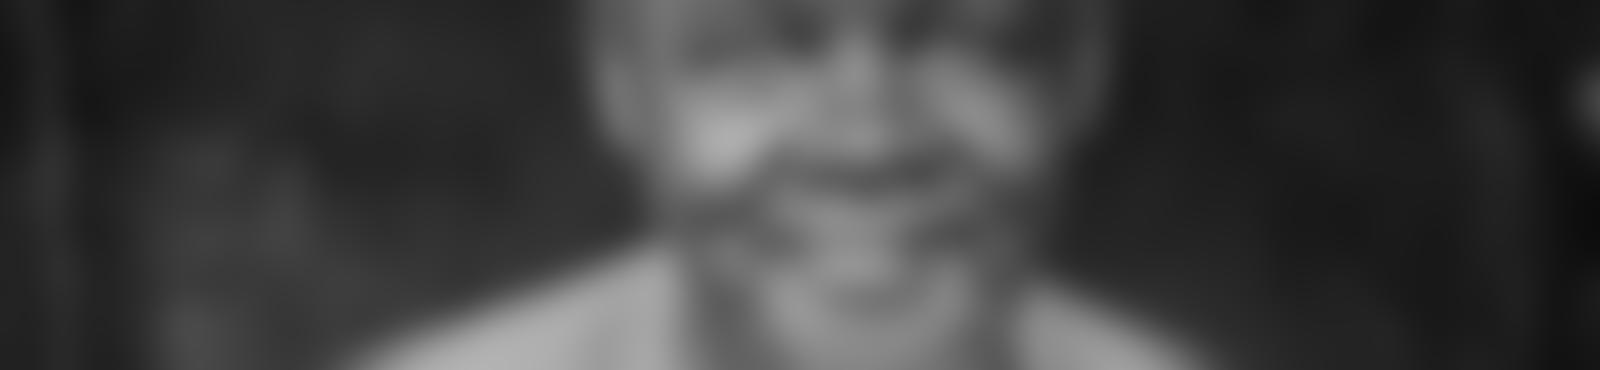 Blurred ffad2c46 a903 4b0a a72d e7d1a397ad4c